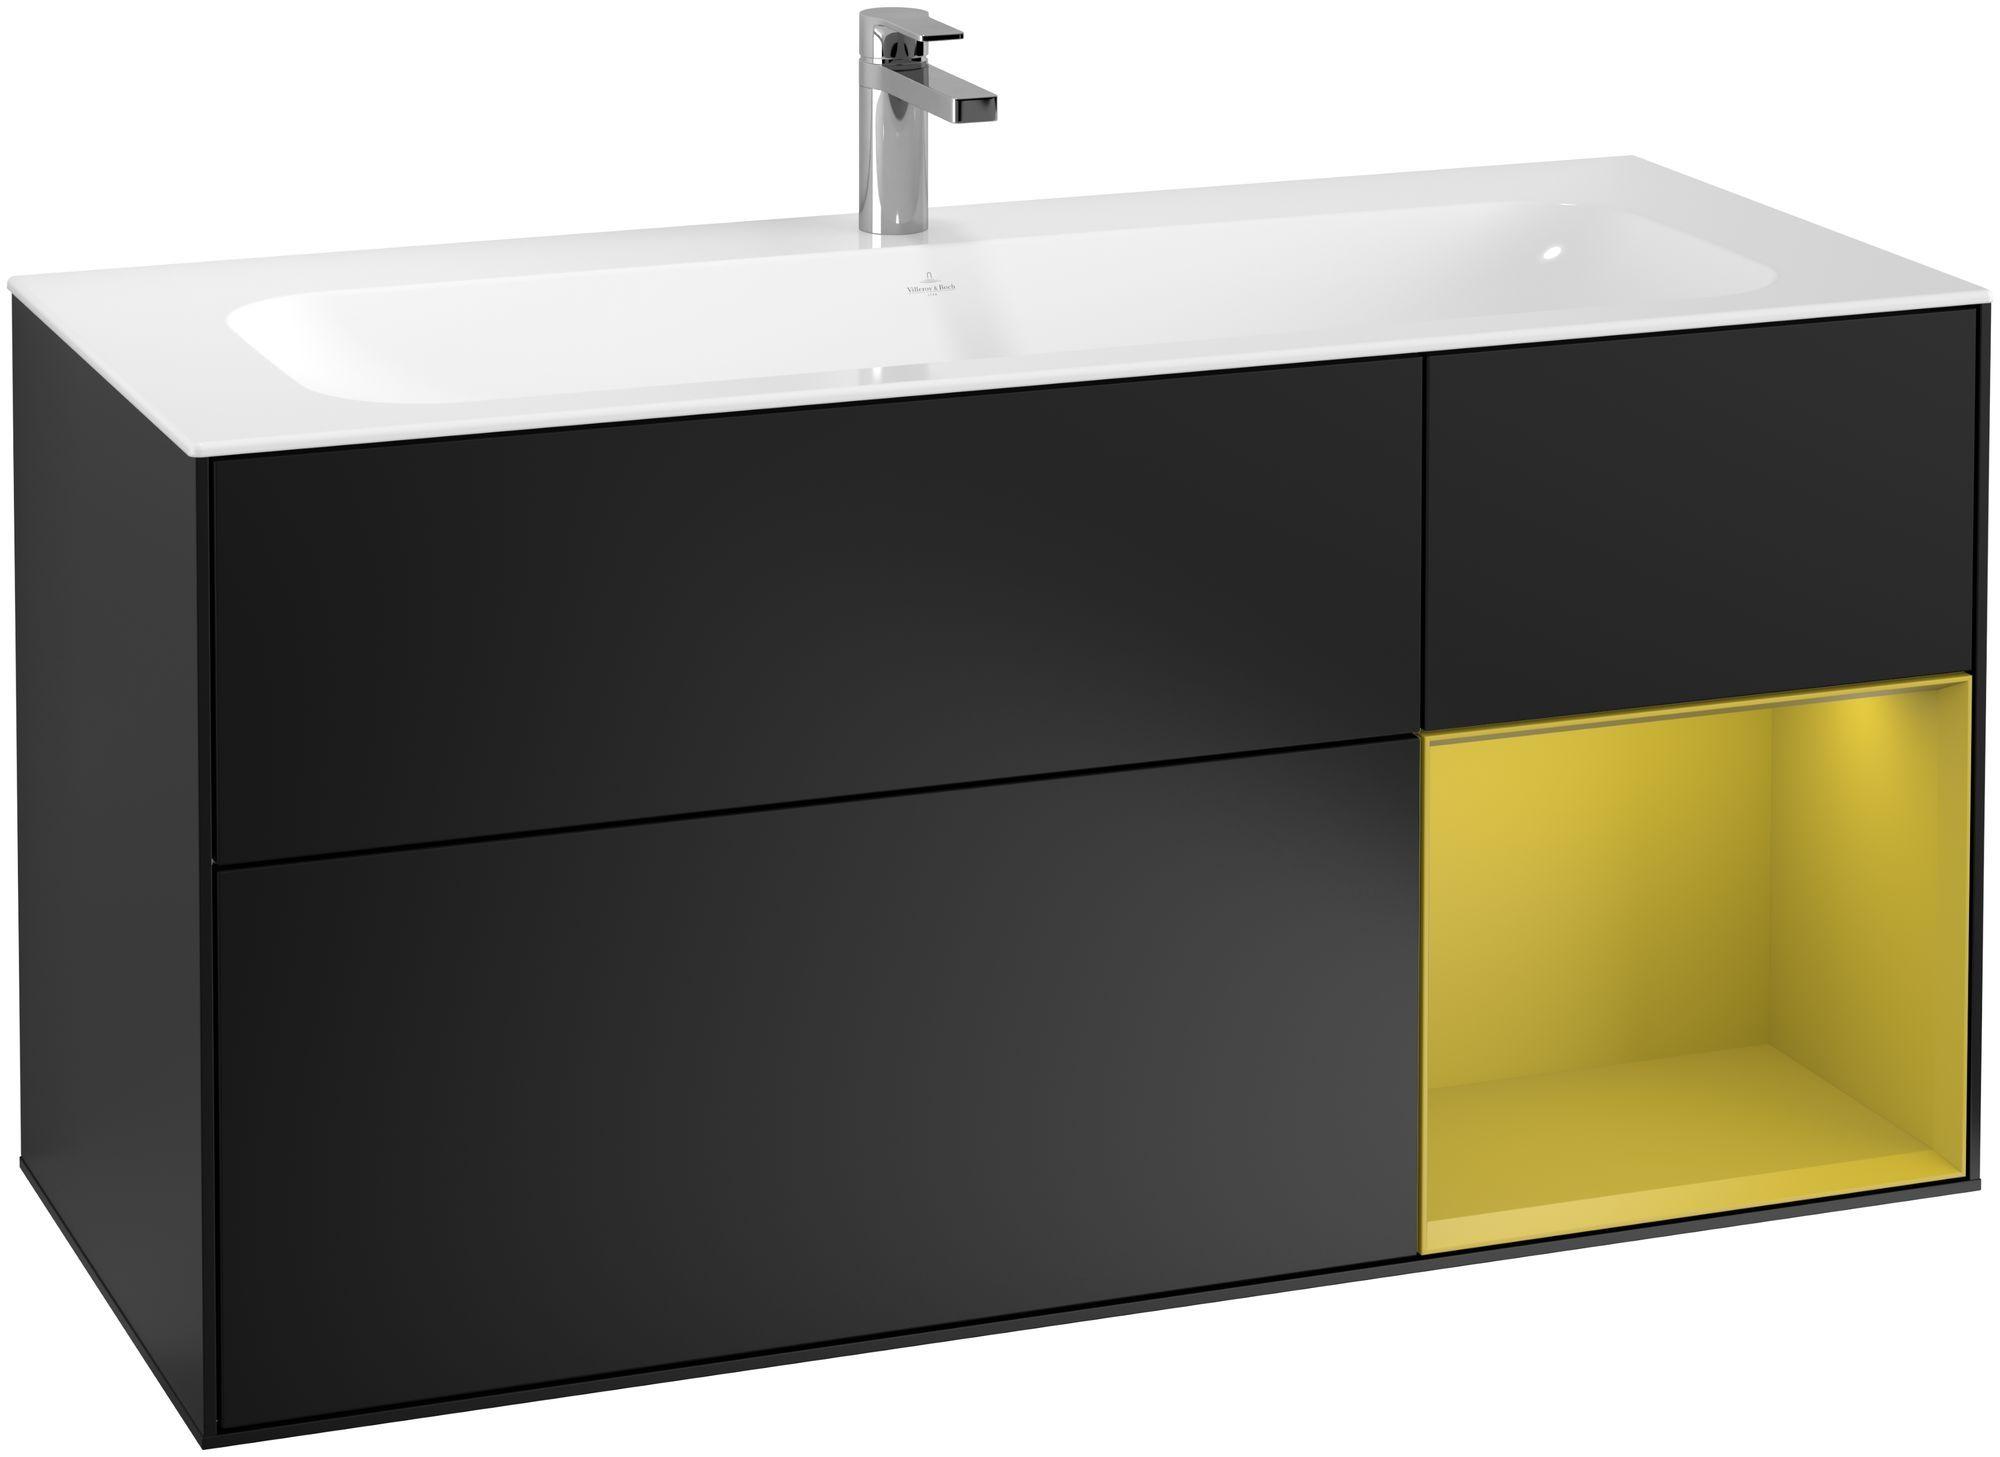 Villeroy & Boch Finion F07 Waschtischunterschrank mit Regalelement 3 Auszüge LED-Beleuchtung B:119,6xH:59,1xT:49,8cm Front, Korpus: Black Matt Lacquer, Regal: Sun F070HEPD